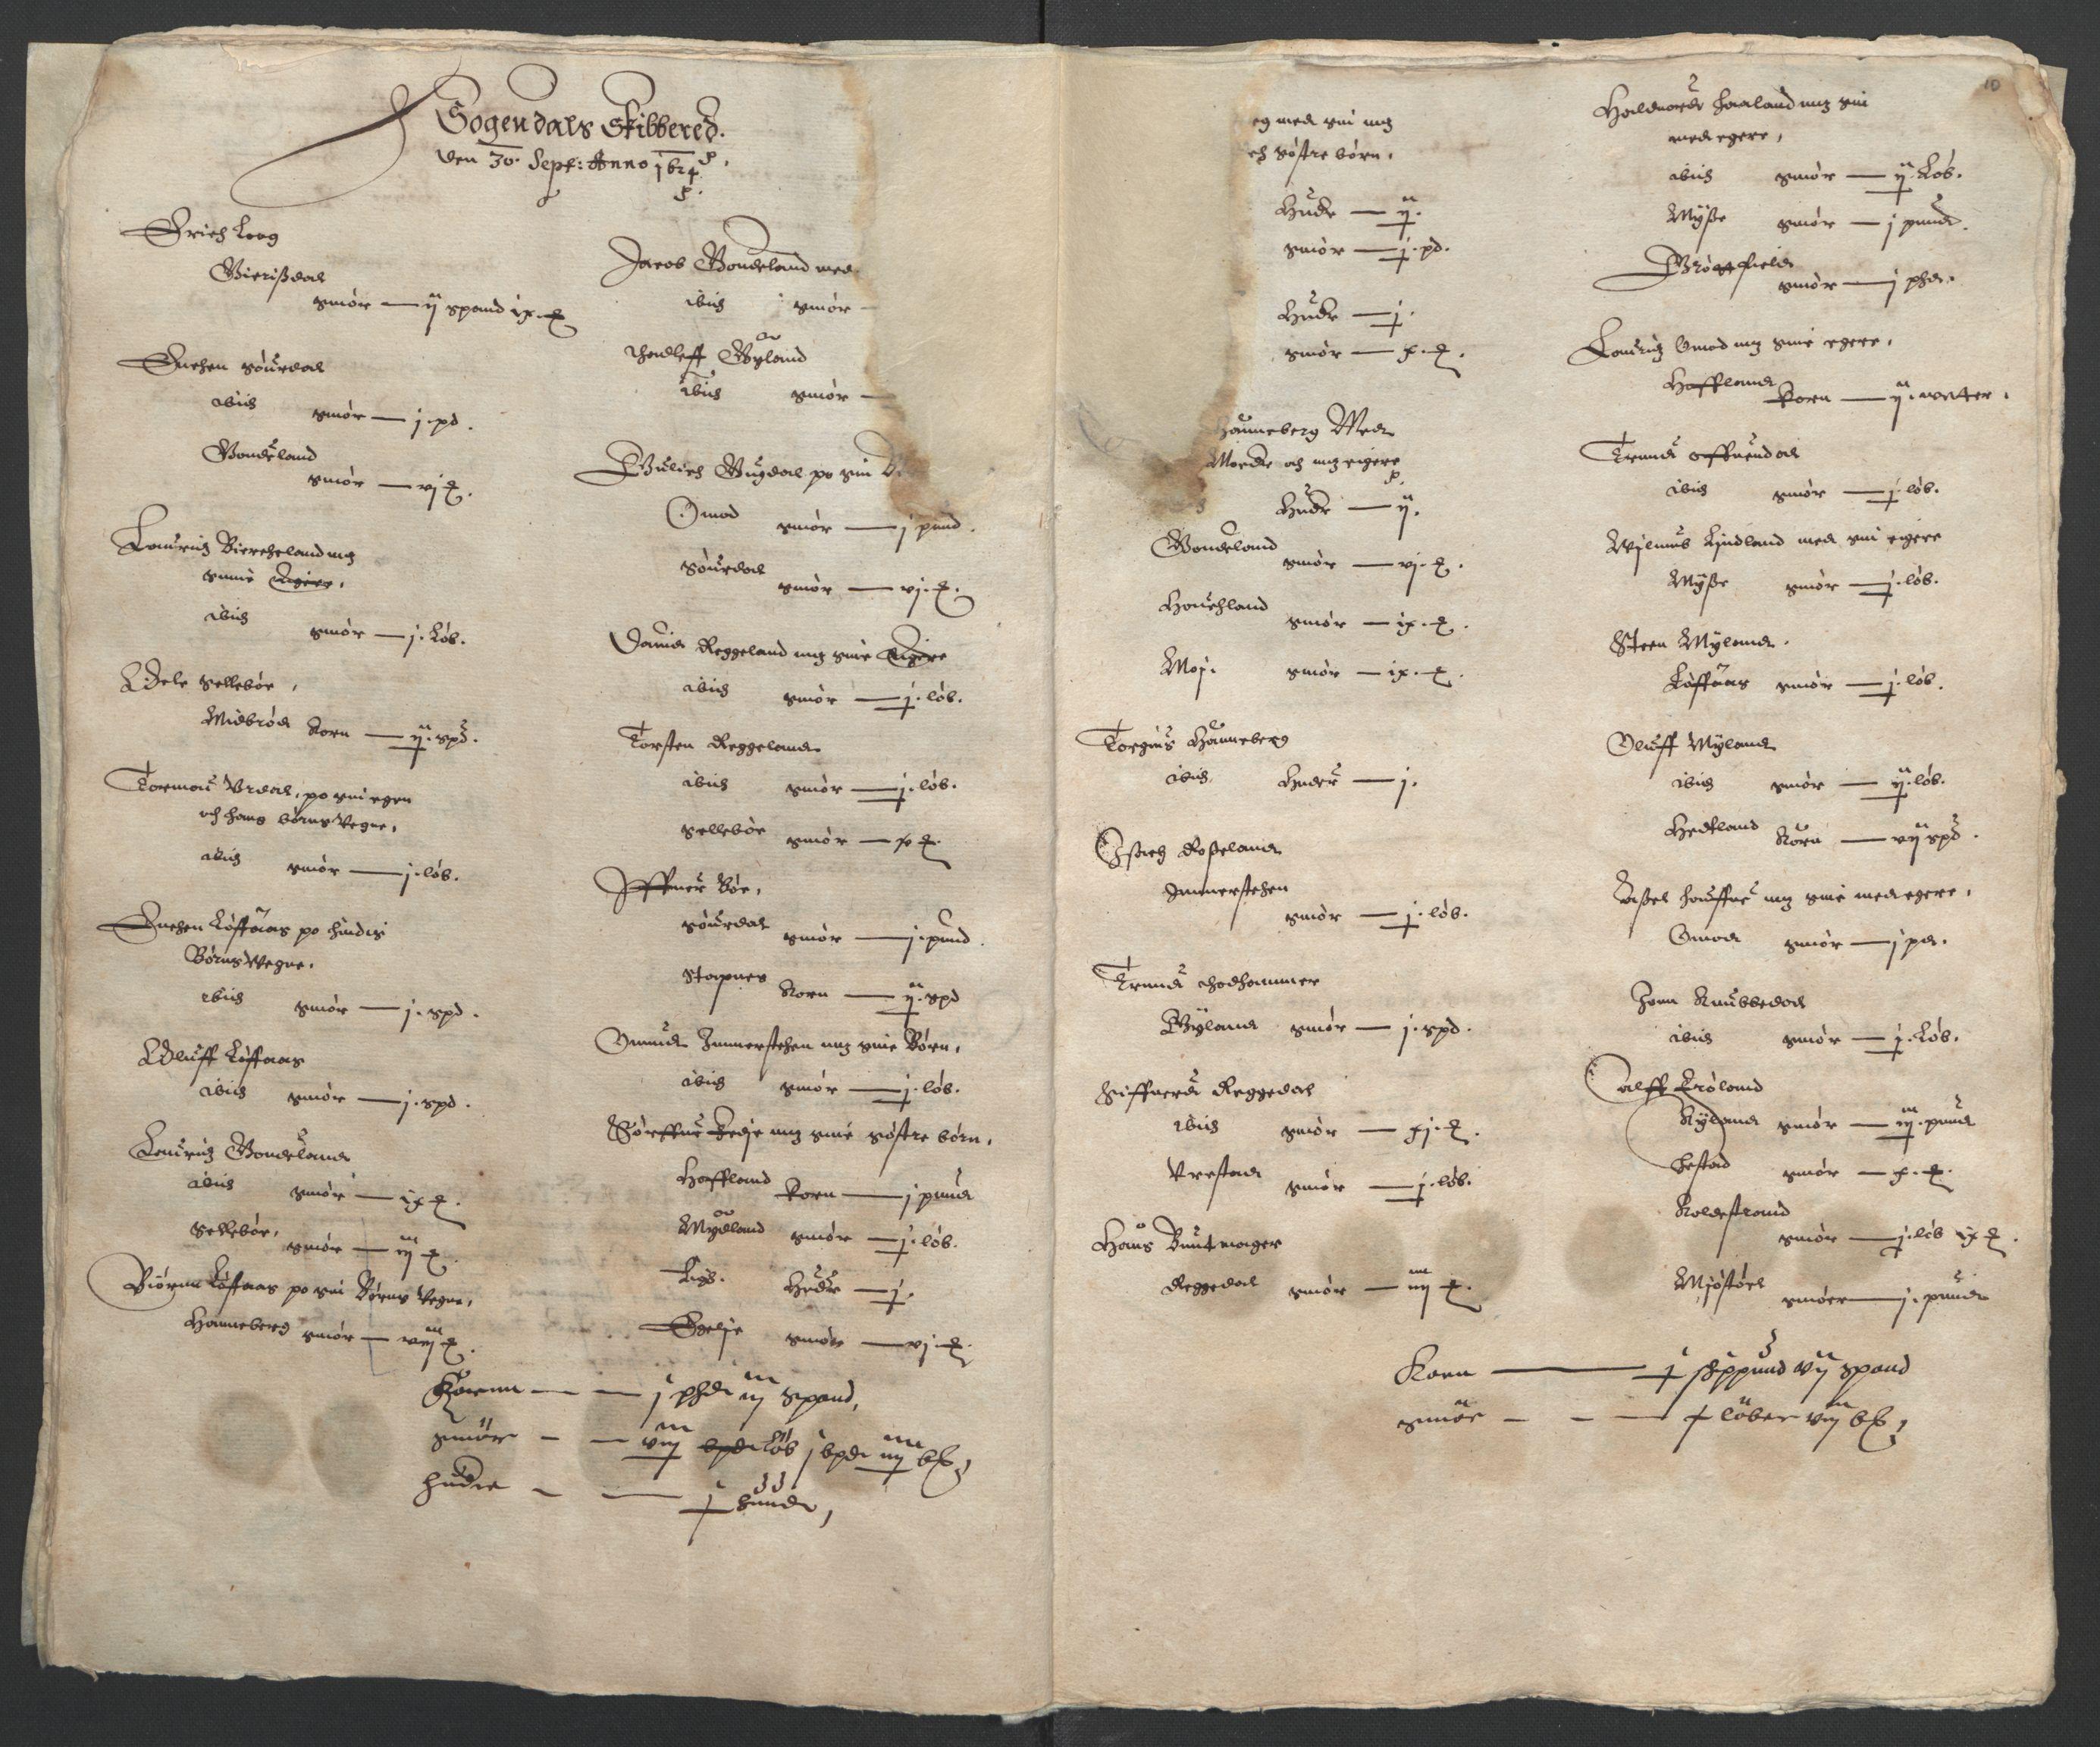 RA, Stattholderembetet 1572-1771, Ek/L0010: Jordebøker til utlikning av rosstjeneste 1624-1626:, 1624-1626, s. 44